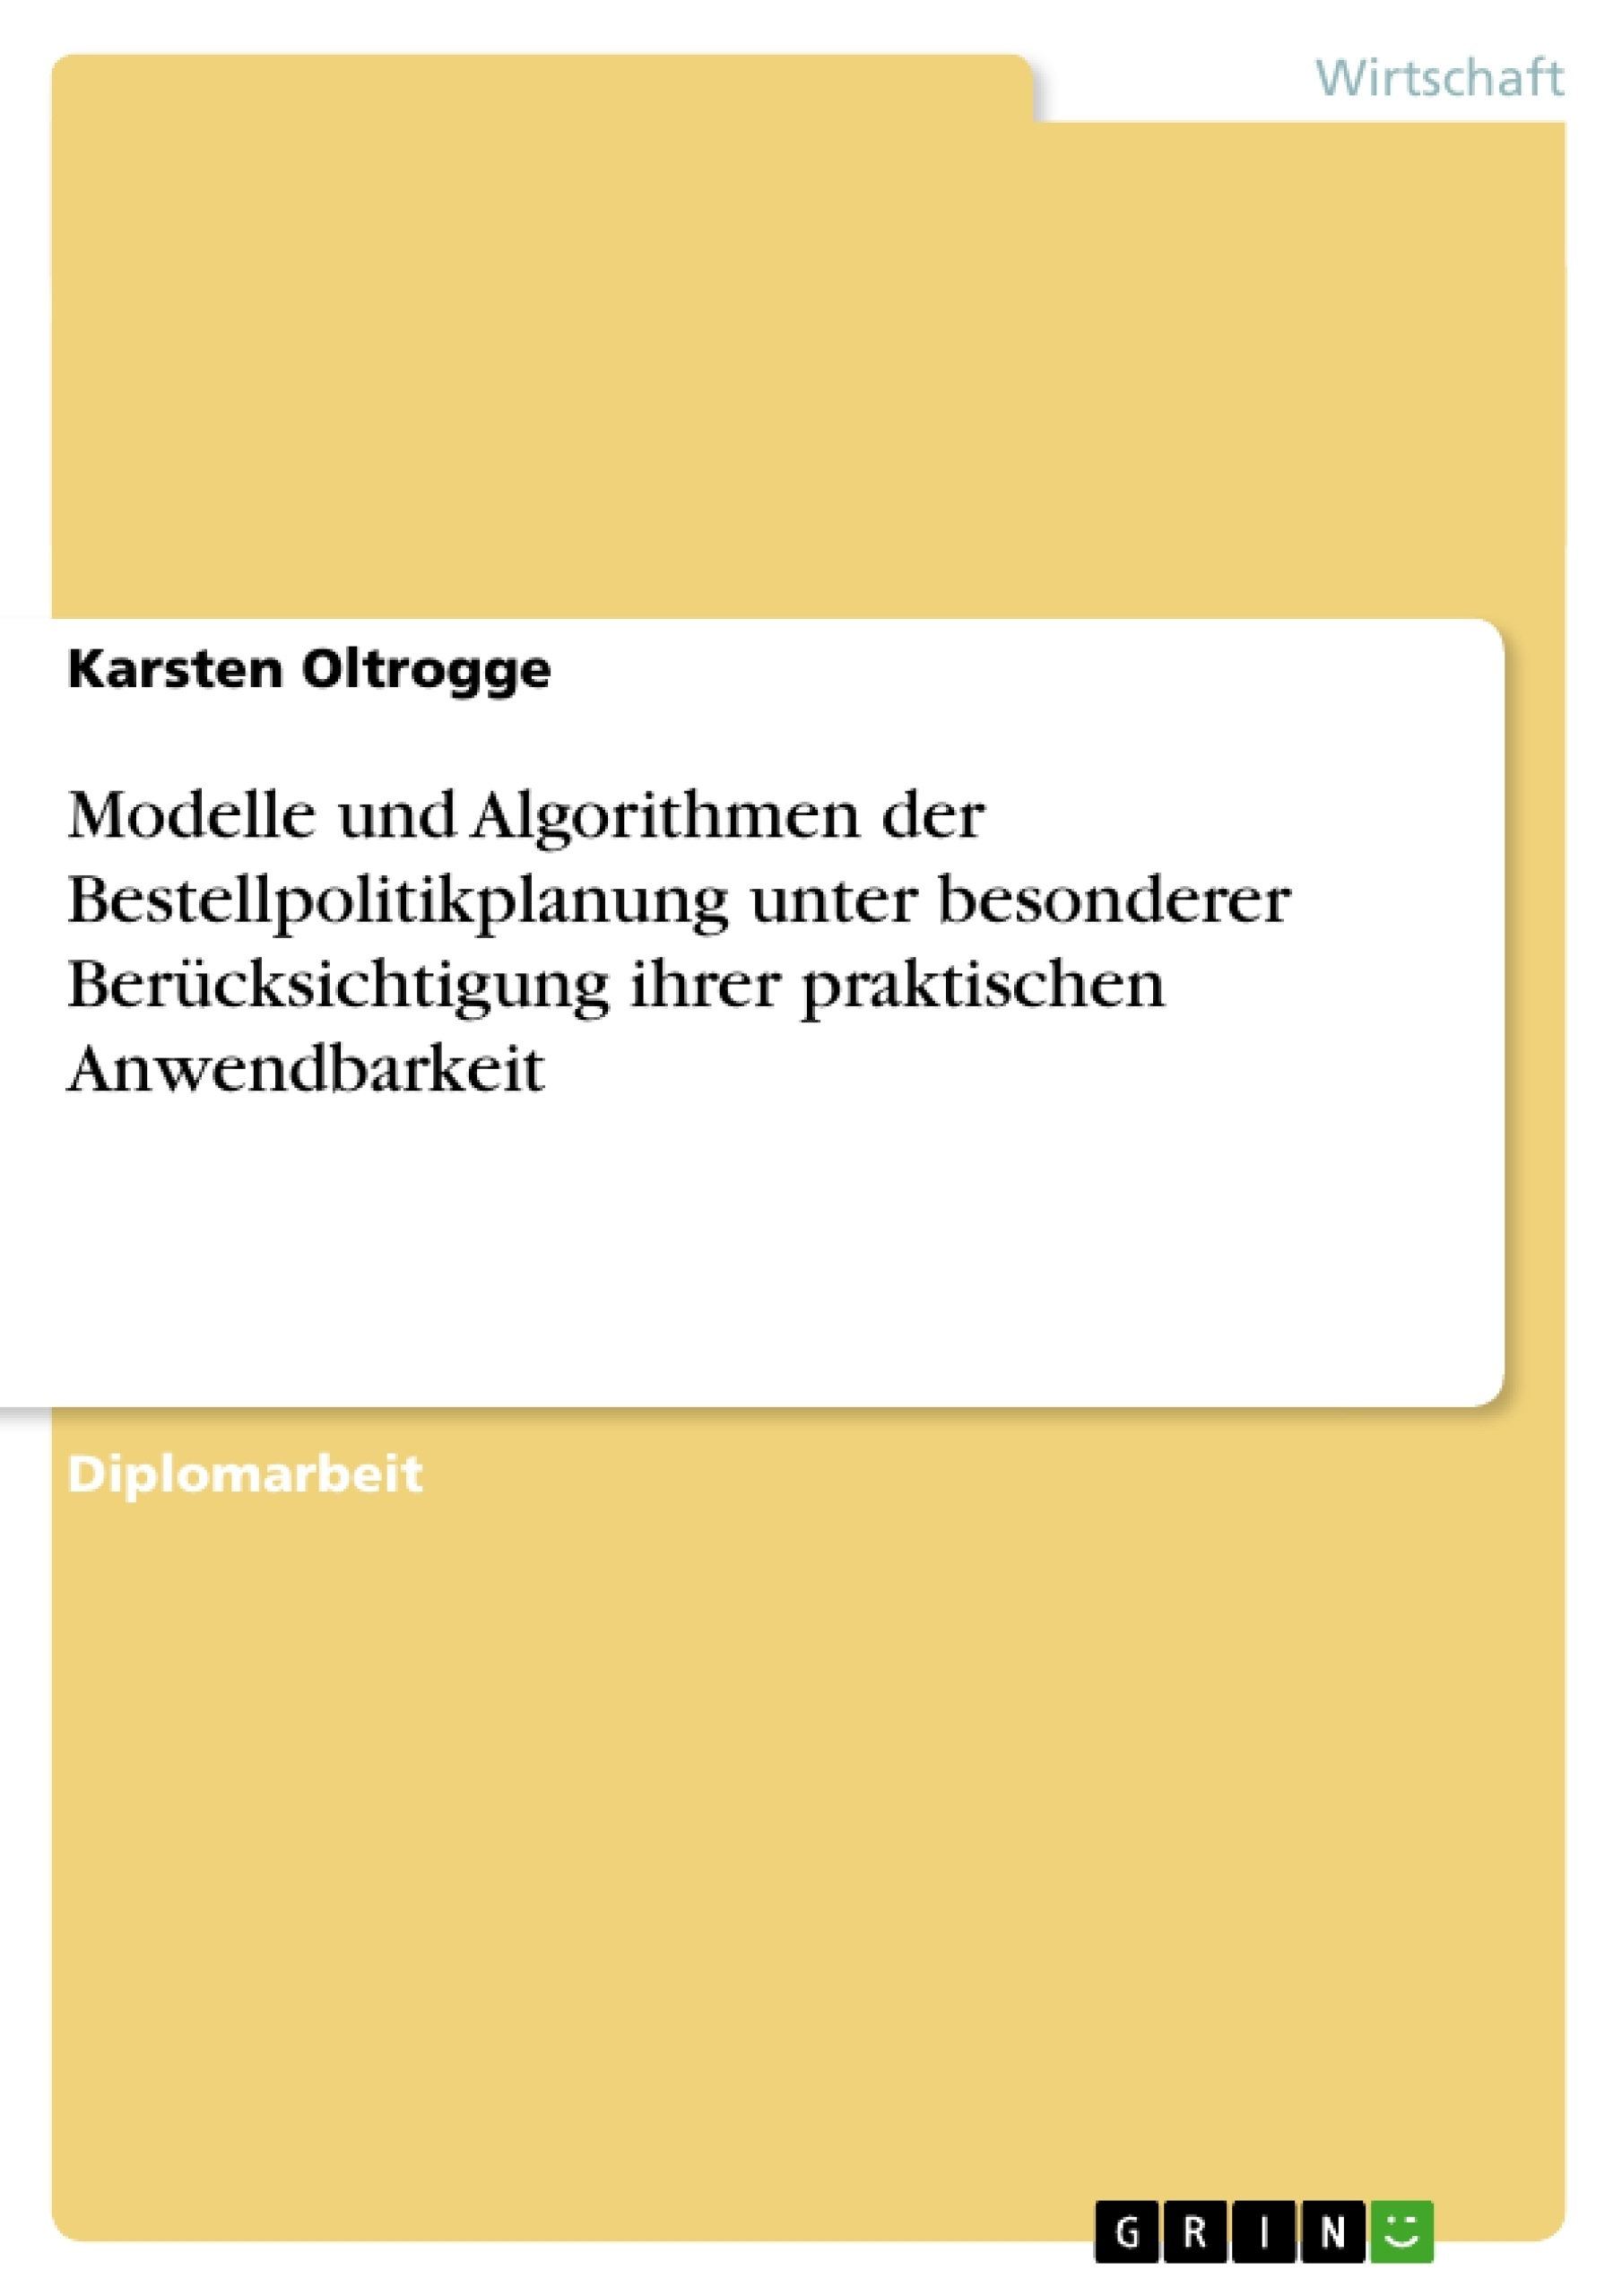 Titel: Modelle und Algorithmen der Bestellpolitikplanung unter besonderer Berücksichtigung ihrer praktischen Anwendbarkeit